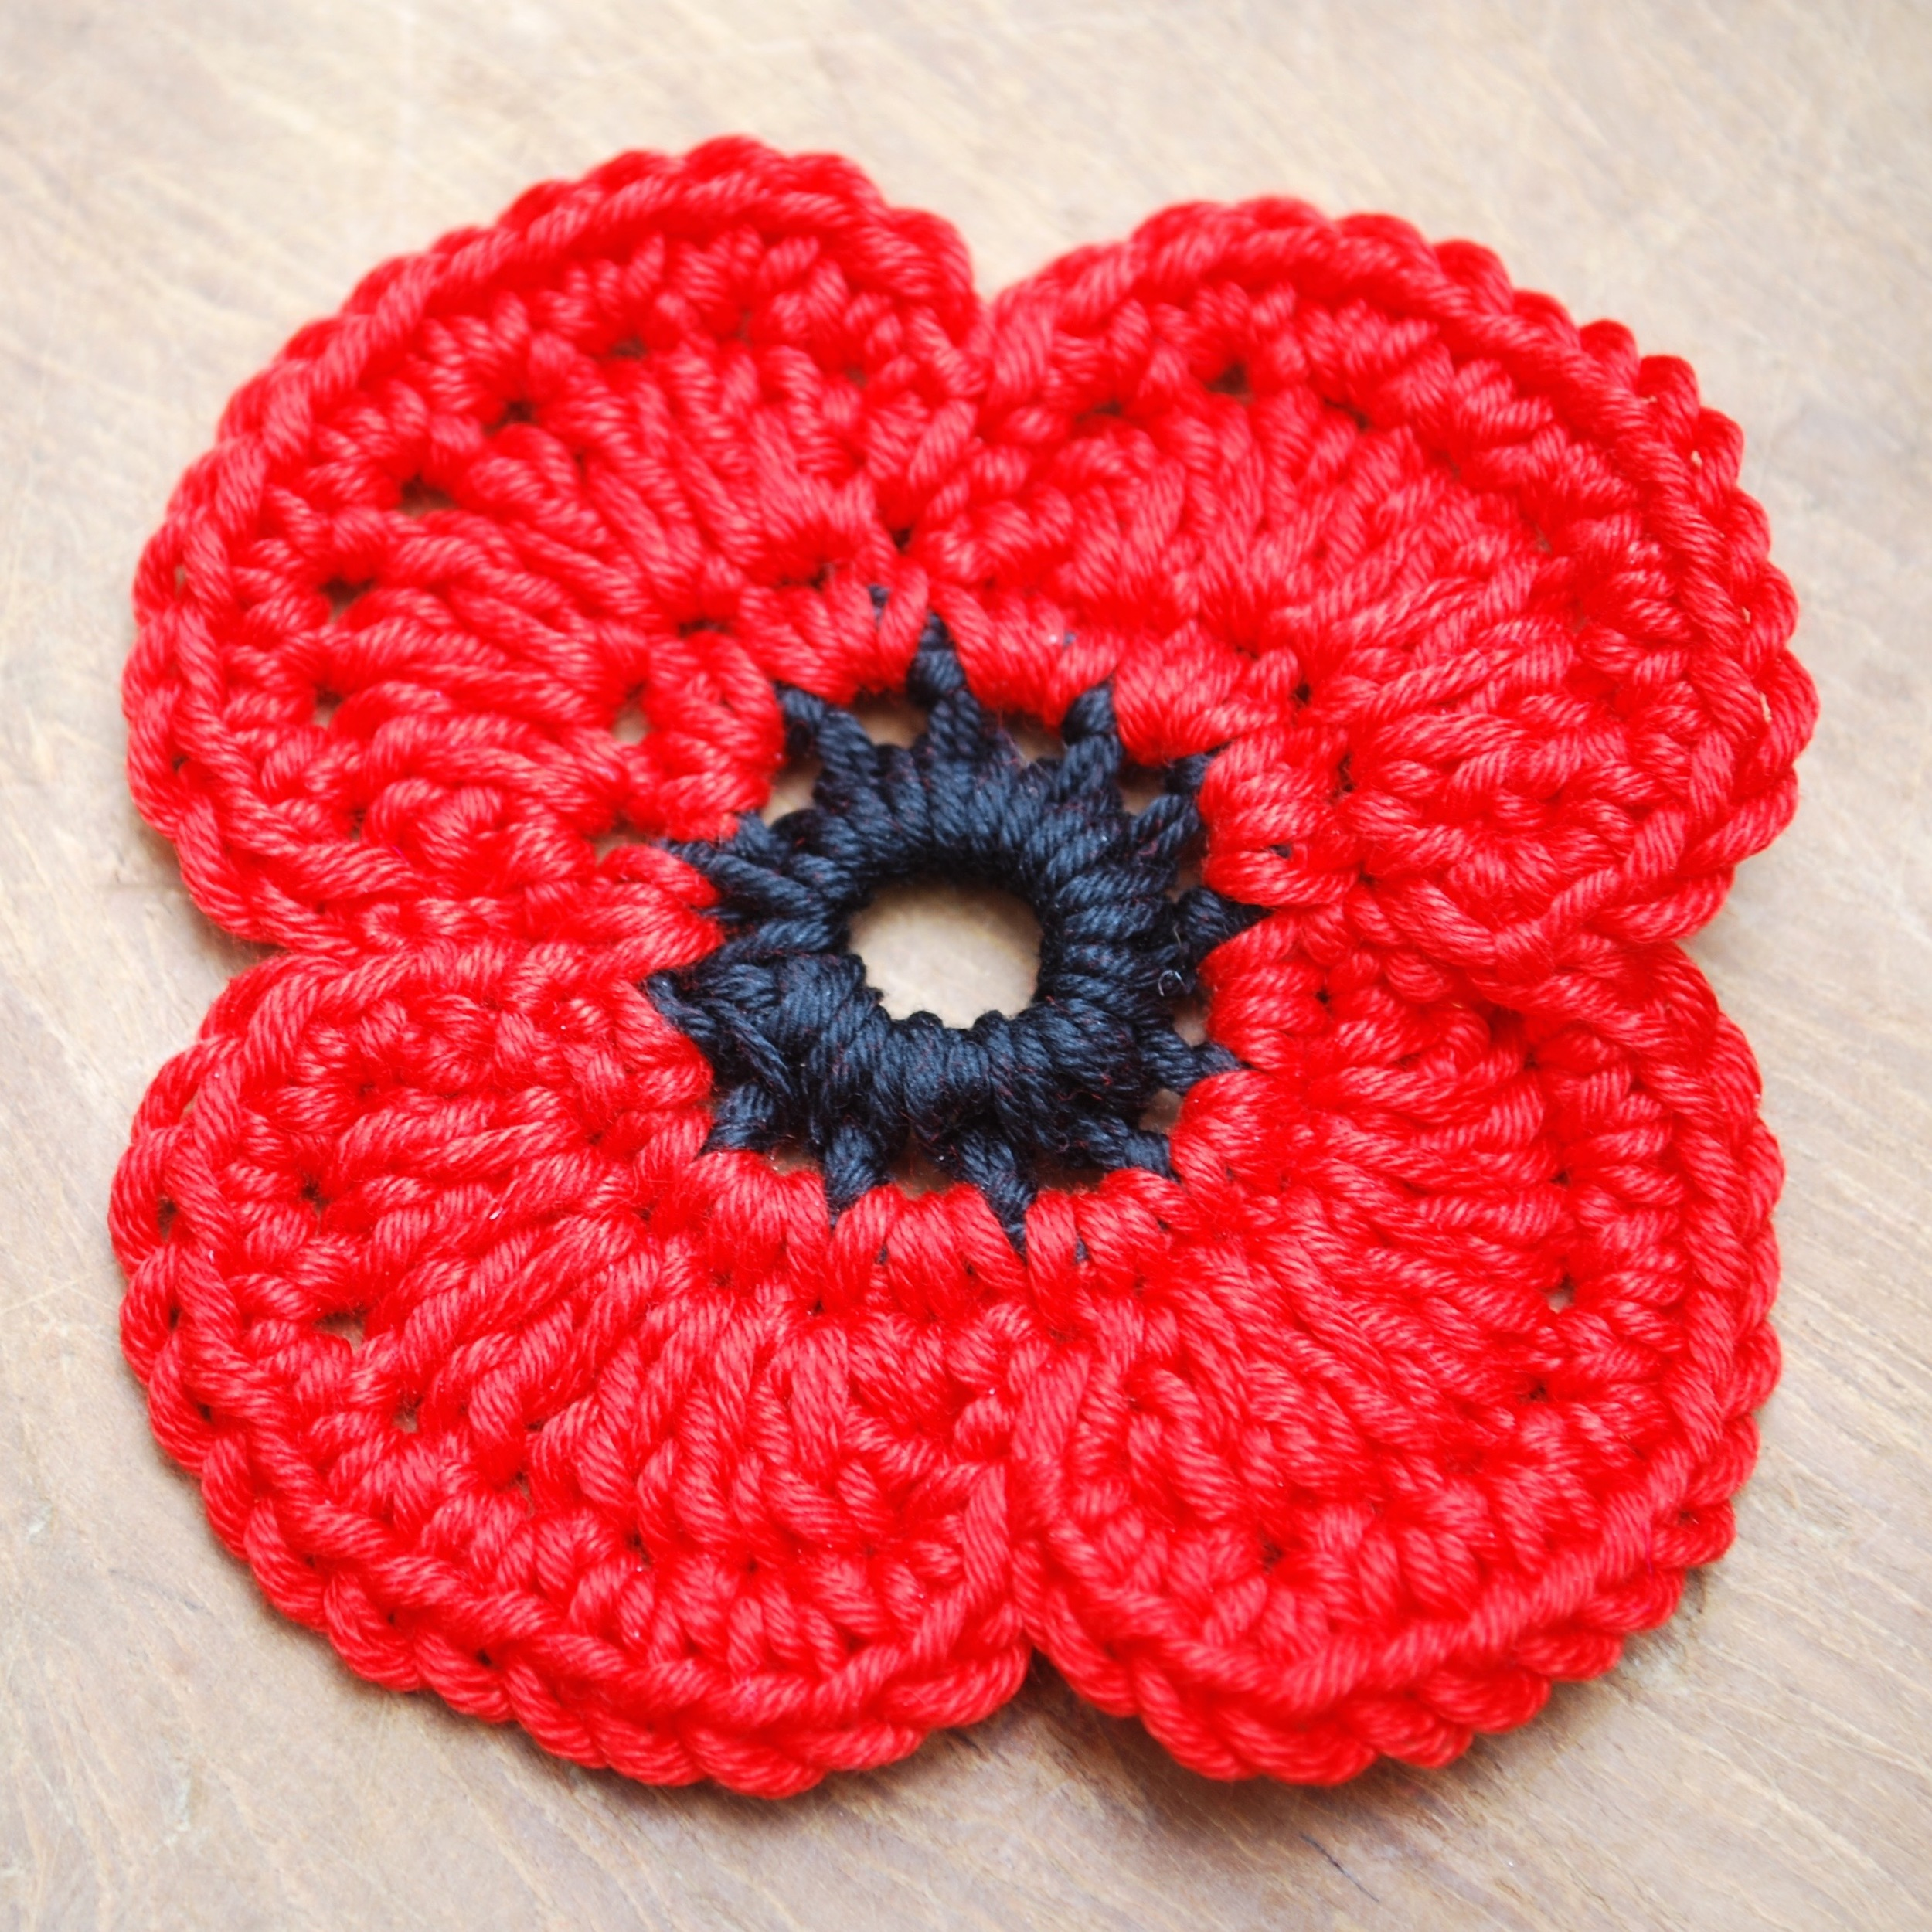 Crochet remembrance poppy